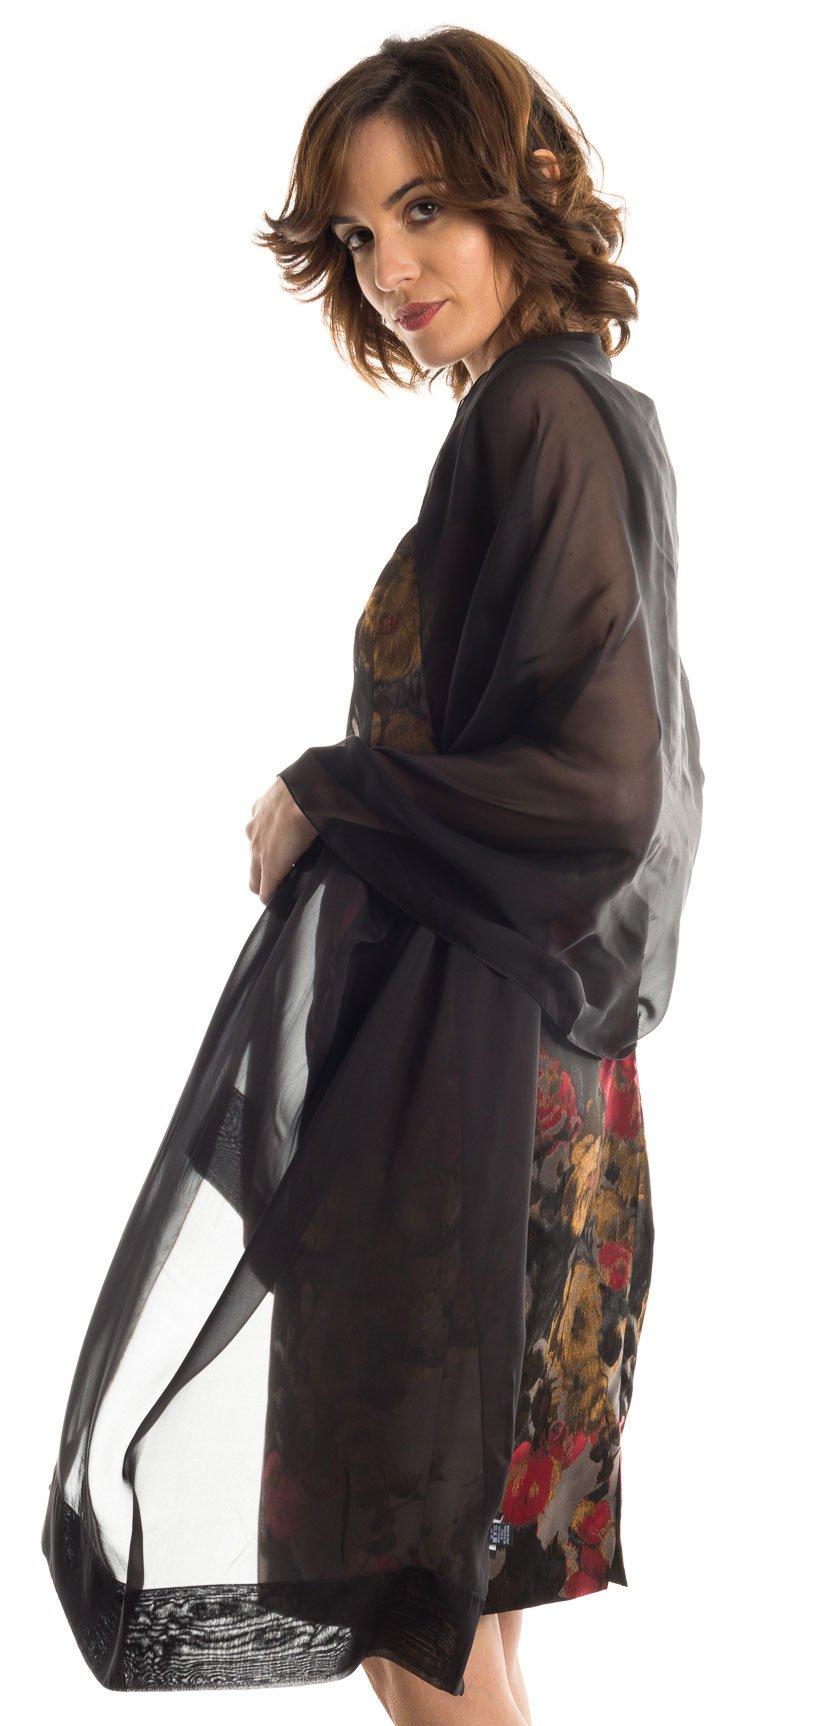 Elizabetta Evening Shawl Wrap, Pure Silk Chiffon, Made in Italy